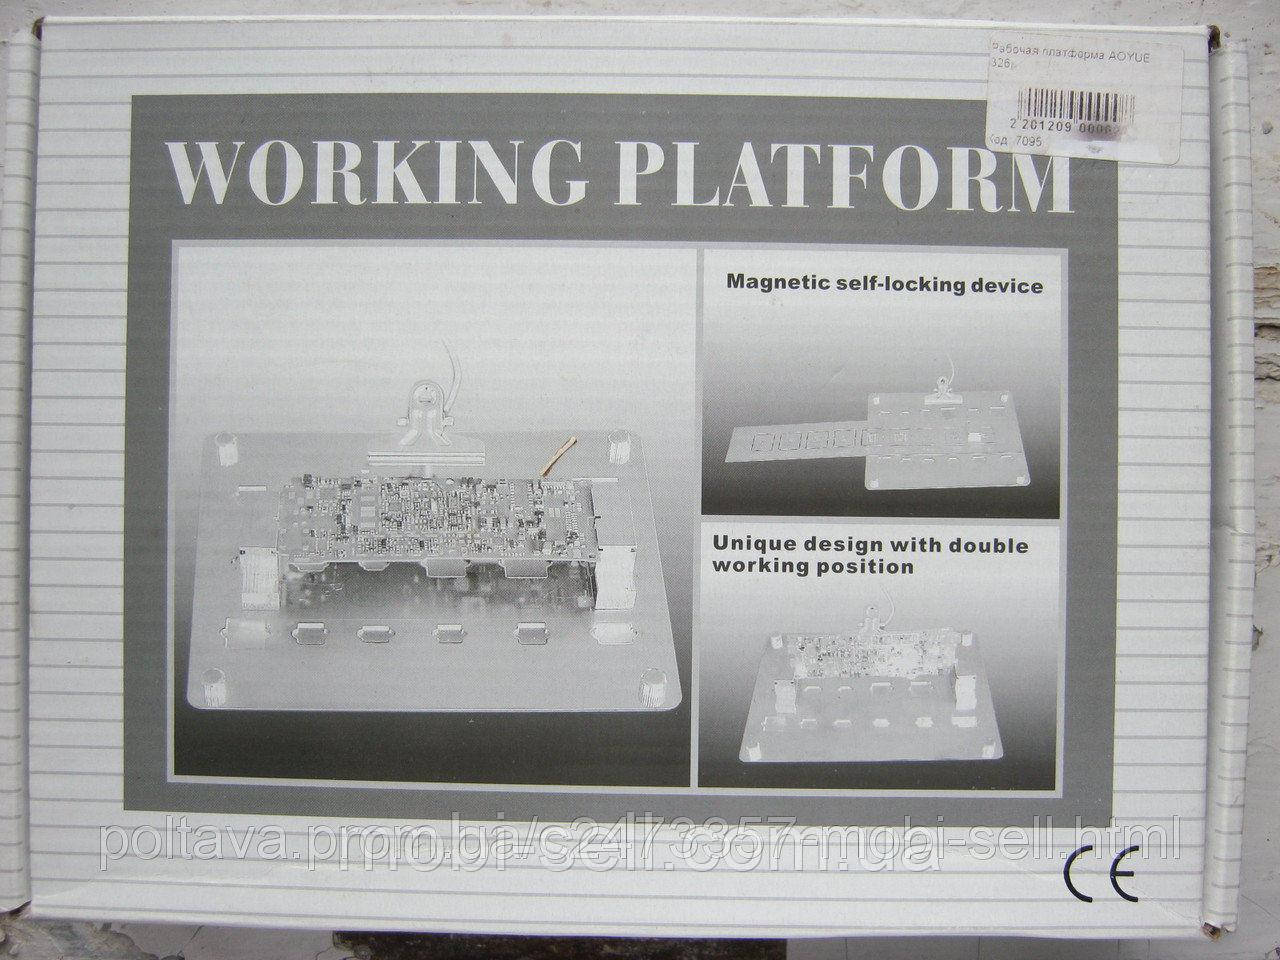 Рабочая платформа AOYUE 326 для пайки плат, для ребболинга микросхем (Б/У) - MOBI SELL в Полтаве